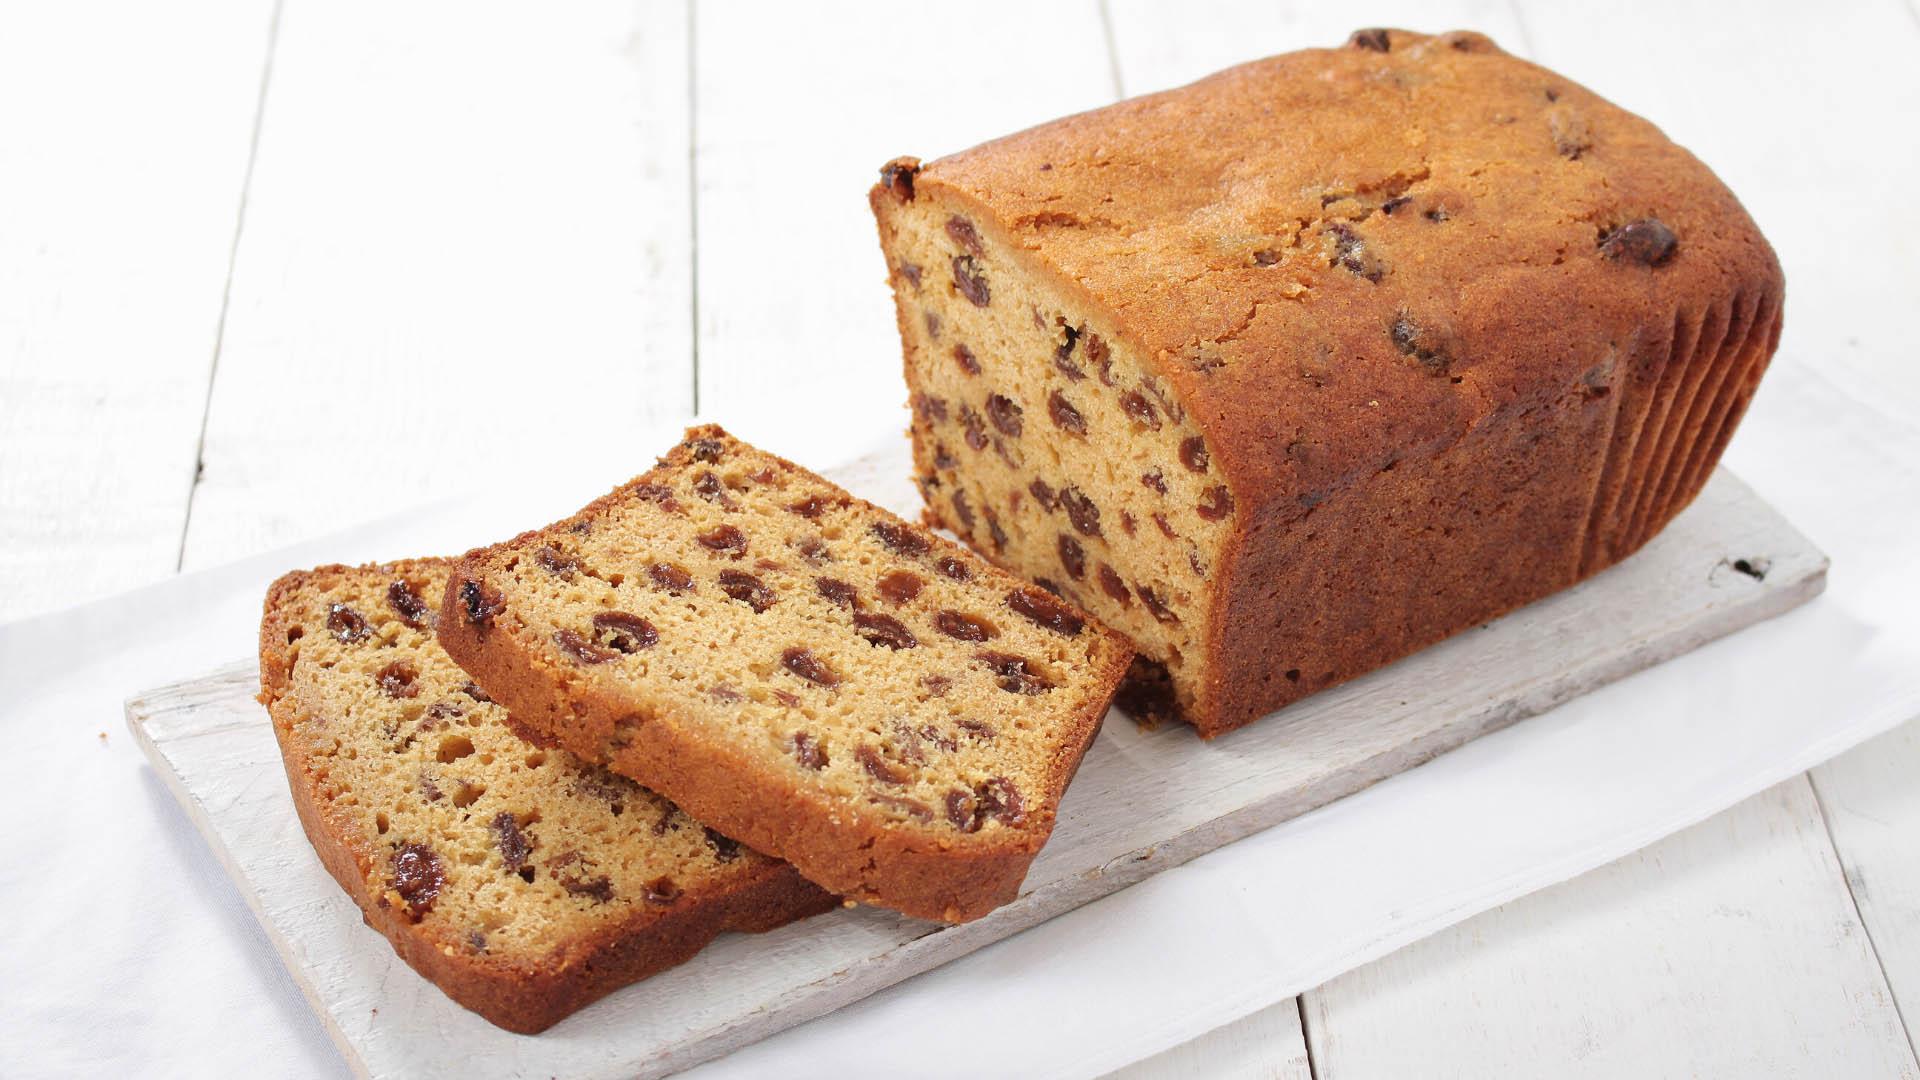 Image of Healthy Raisin Bread